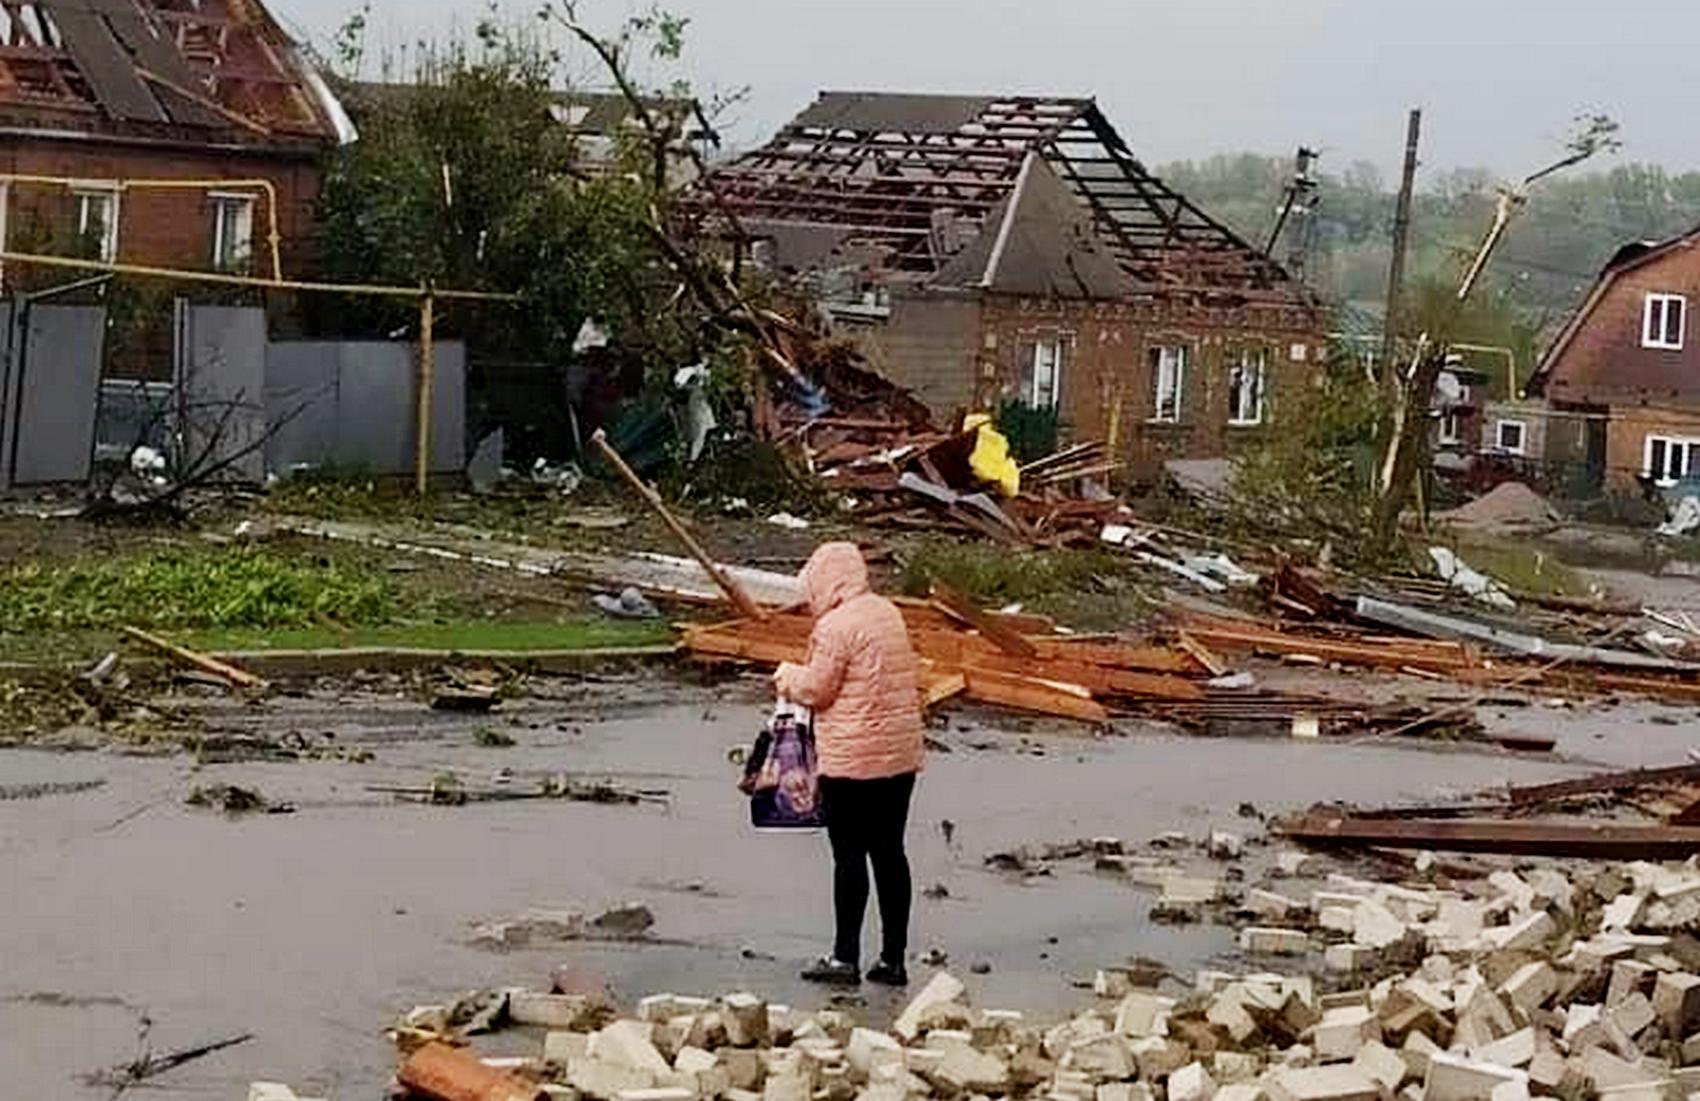 На Кропивницкий обрушился мощный ураган: сорваны крыши, рухнули стены, есть раненые